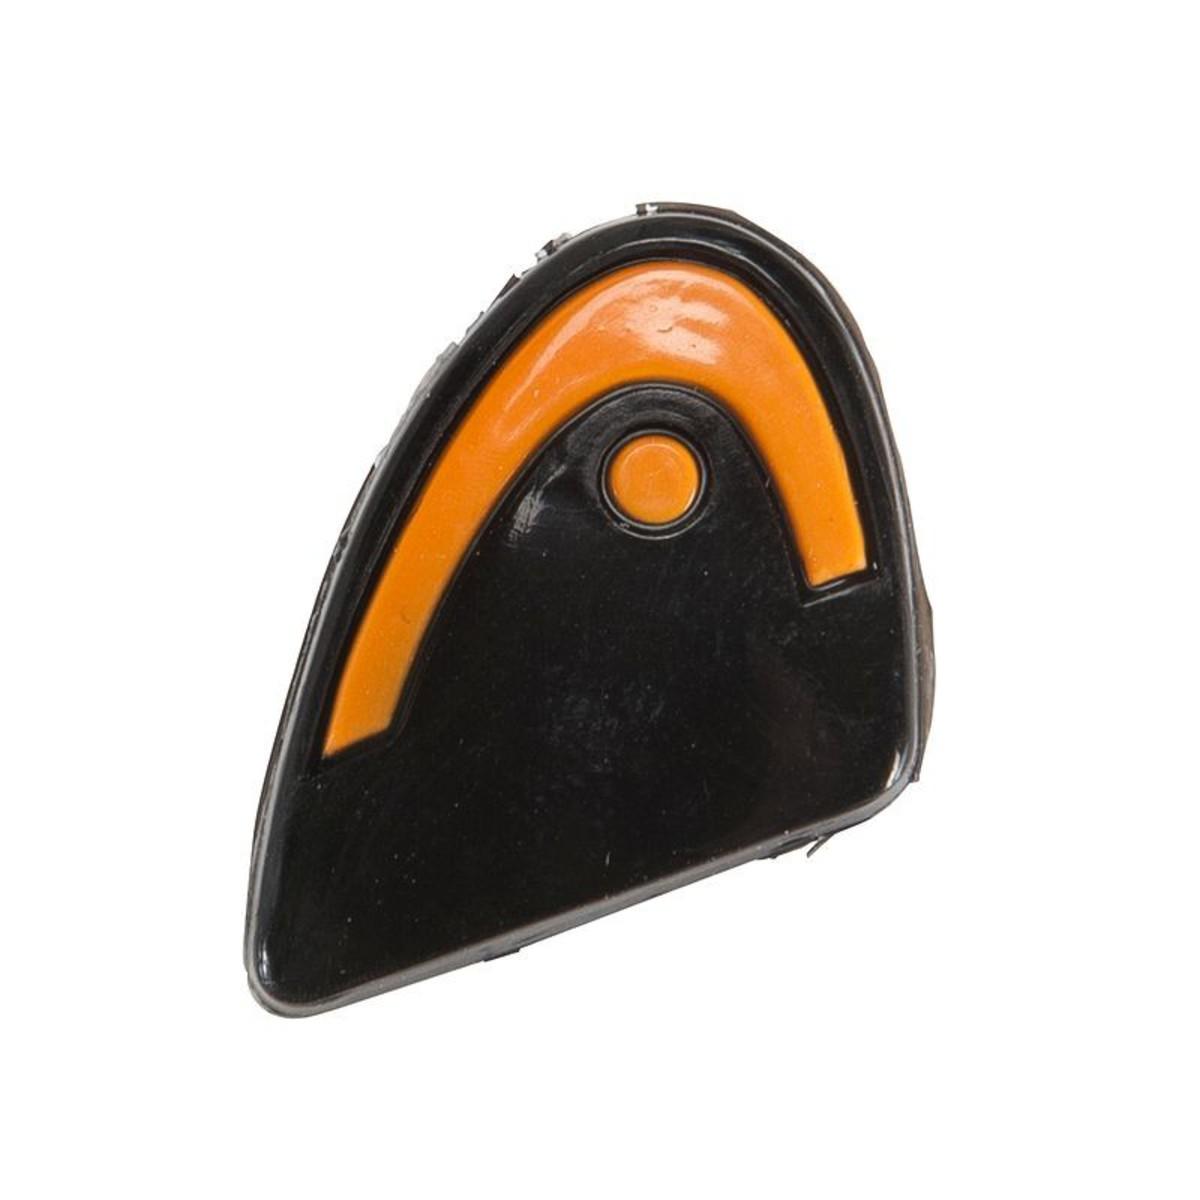 Bild 2 von HEAD Tennis Vibrationsdämpfer Xtra Damp , Größe: SCHWARZ